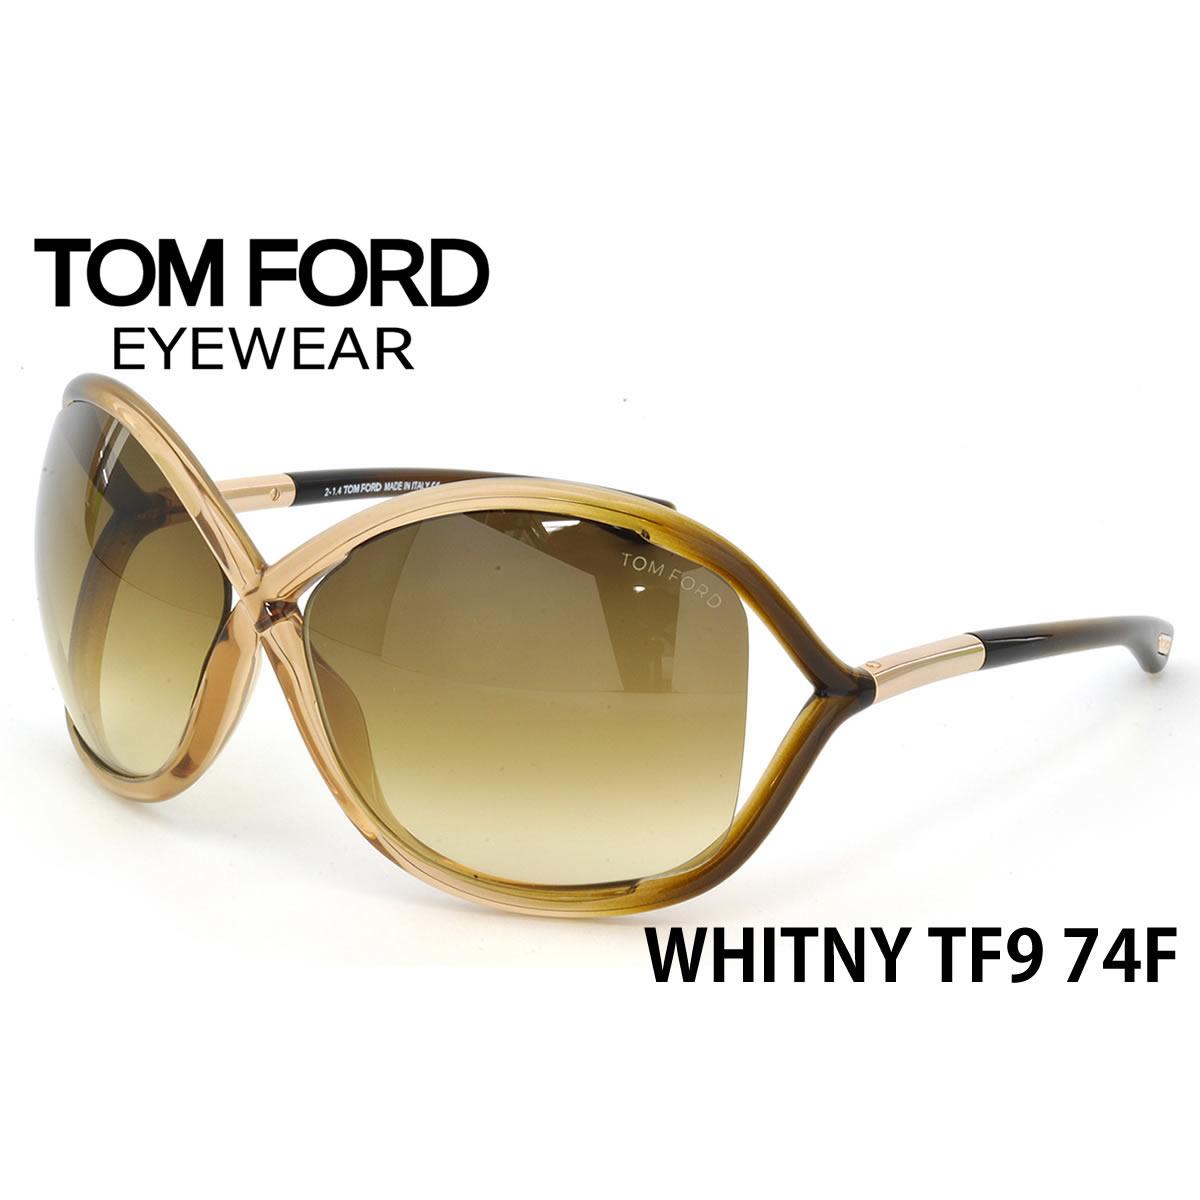 トムフォード TOM FORD サングラス TF0009/S 74F 64サイズ TOMFORD ホイットニー WHITNEY FT0009 セルシール1個サービス メンズ レディース